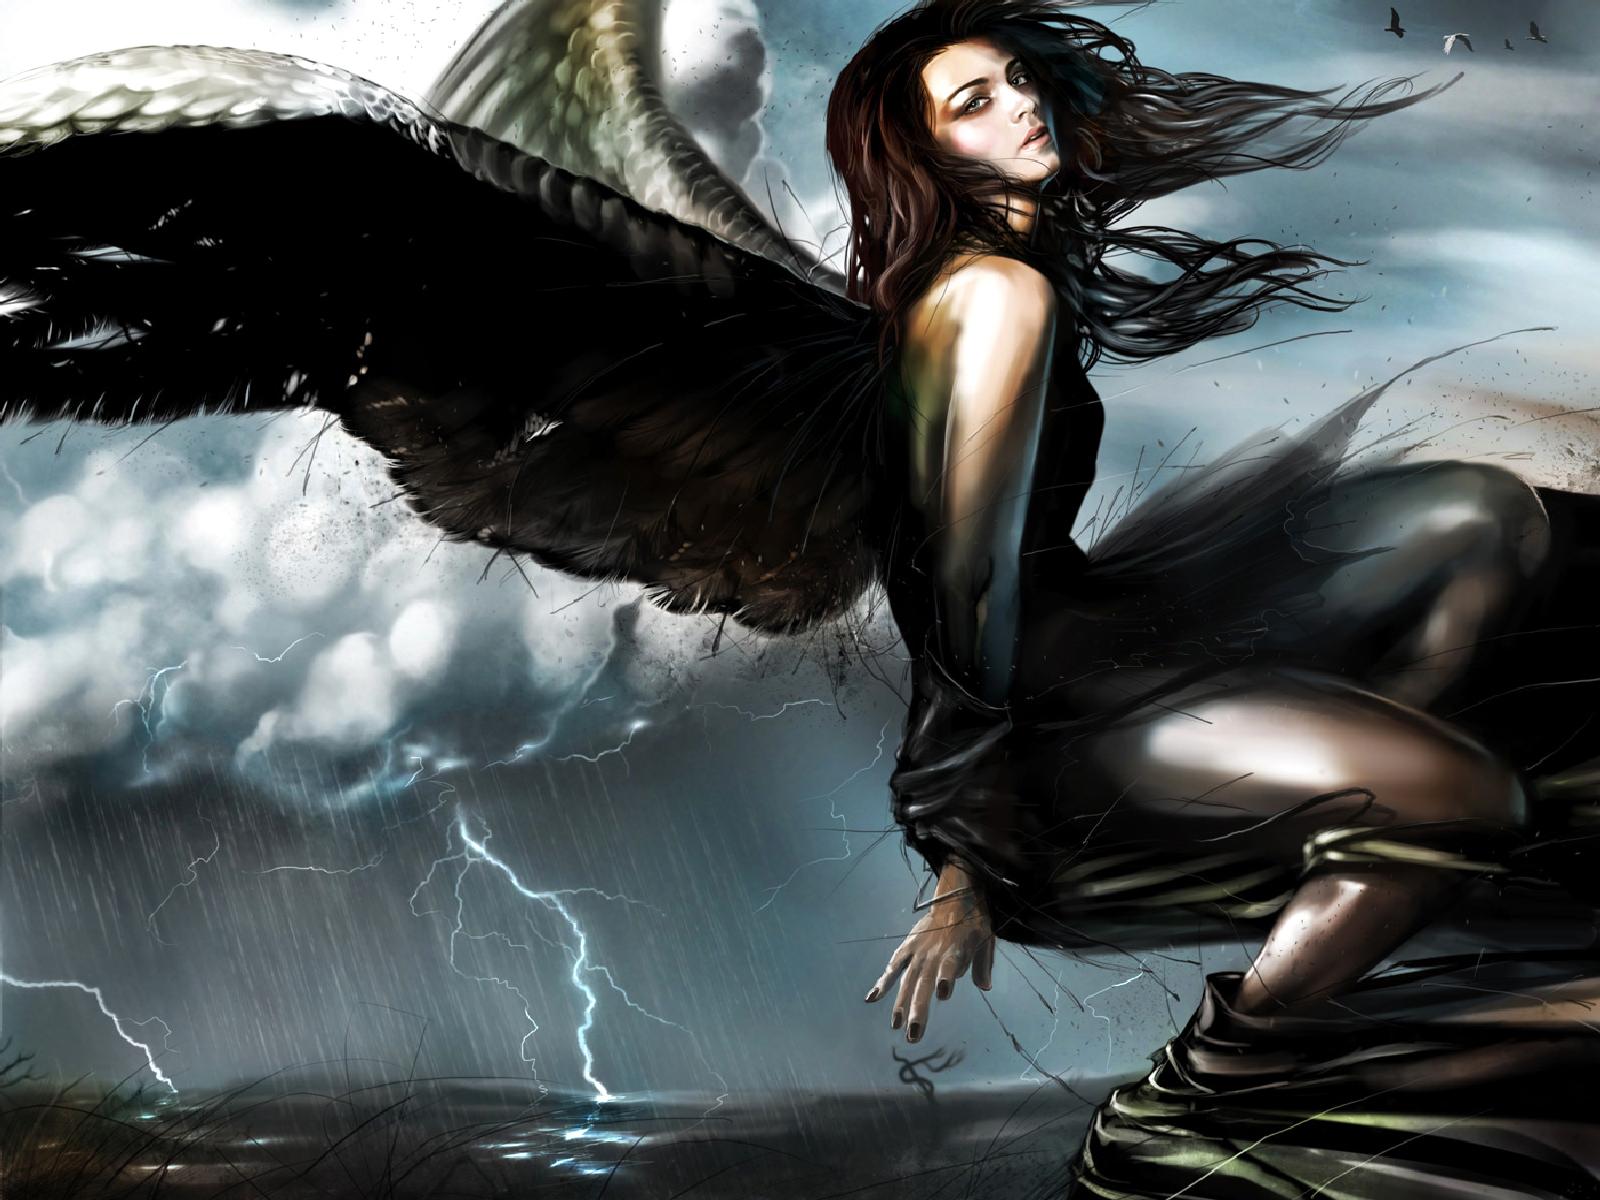 Mörk - Ängel  Woman Bakgrund